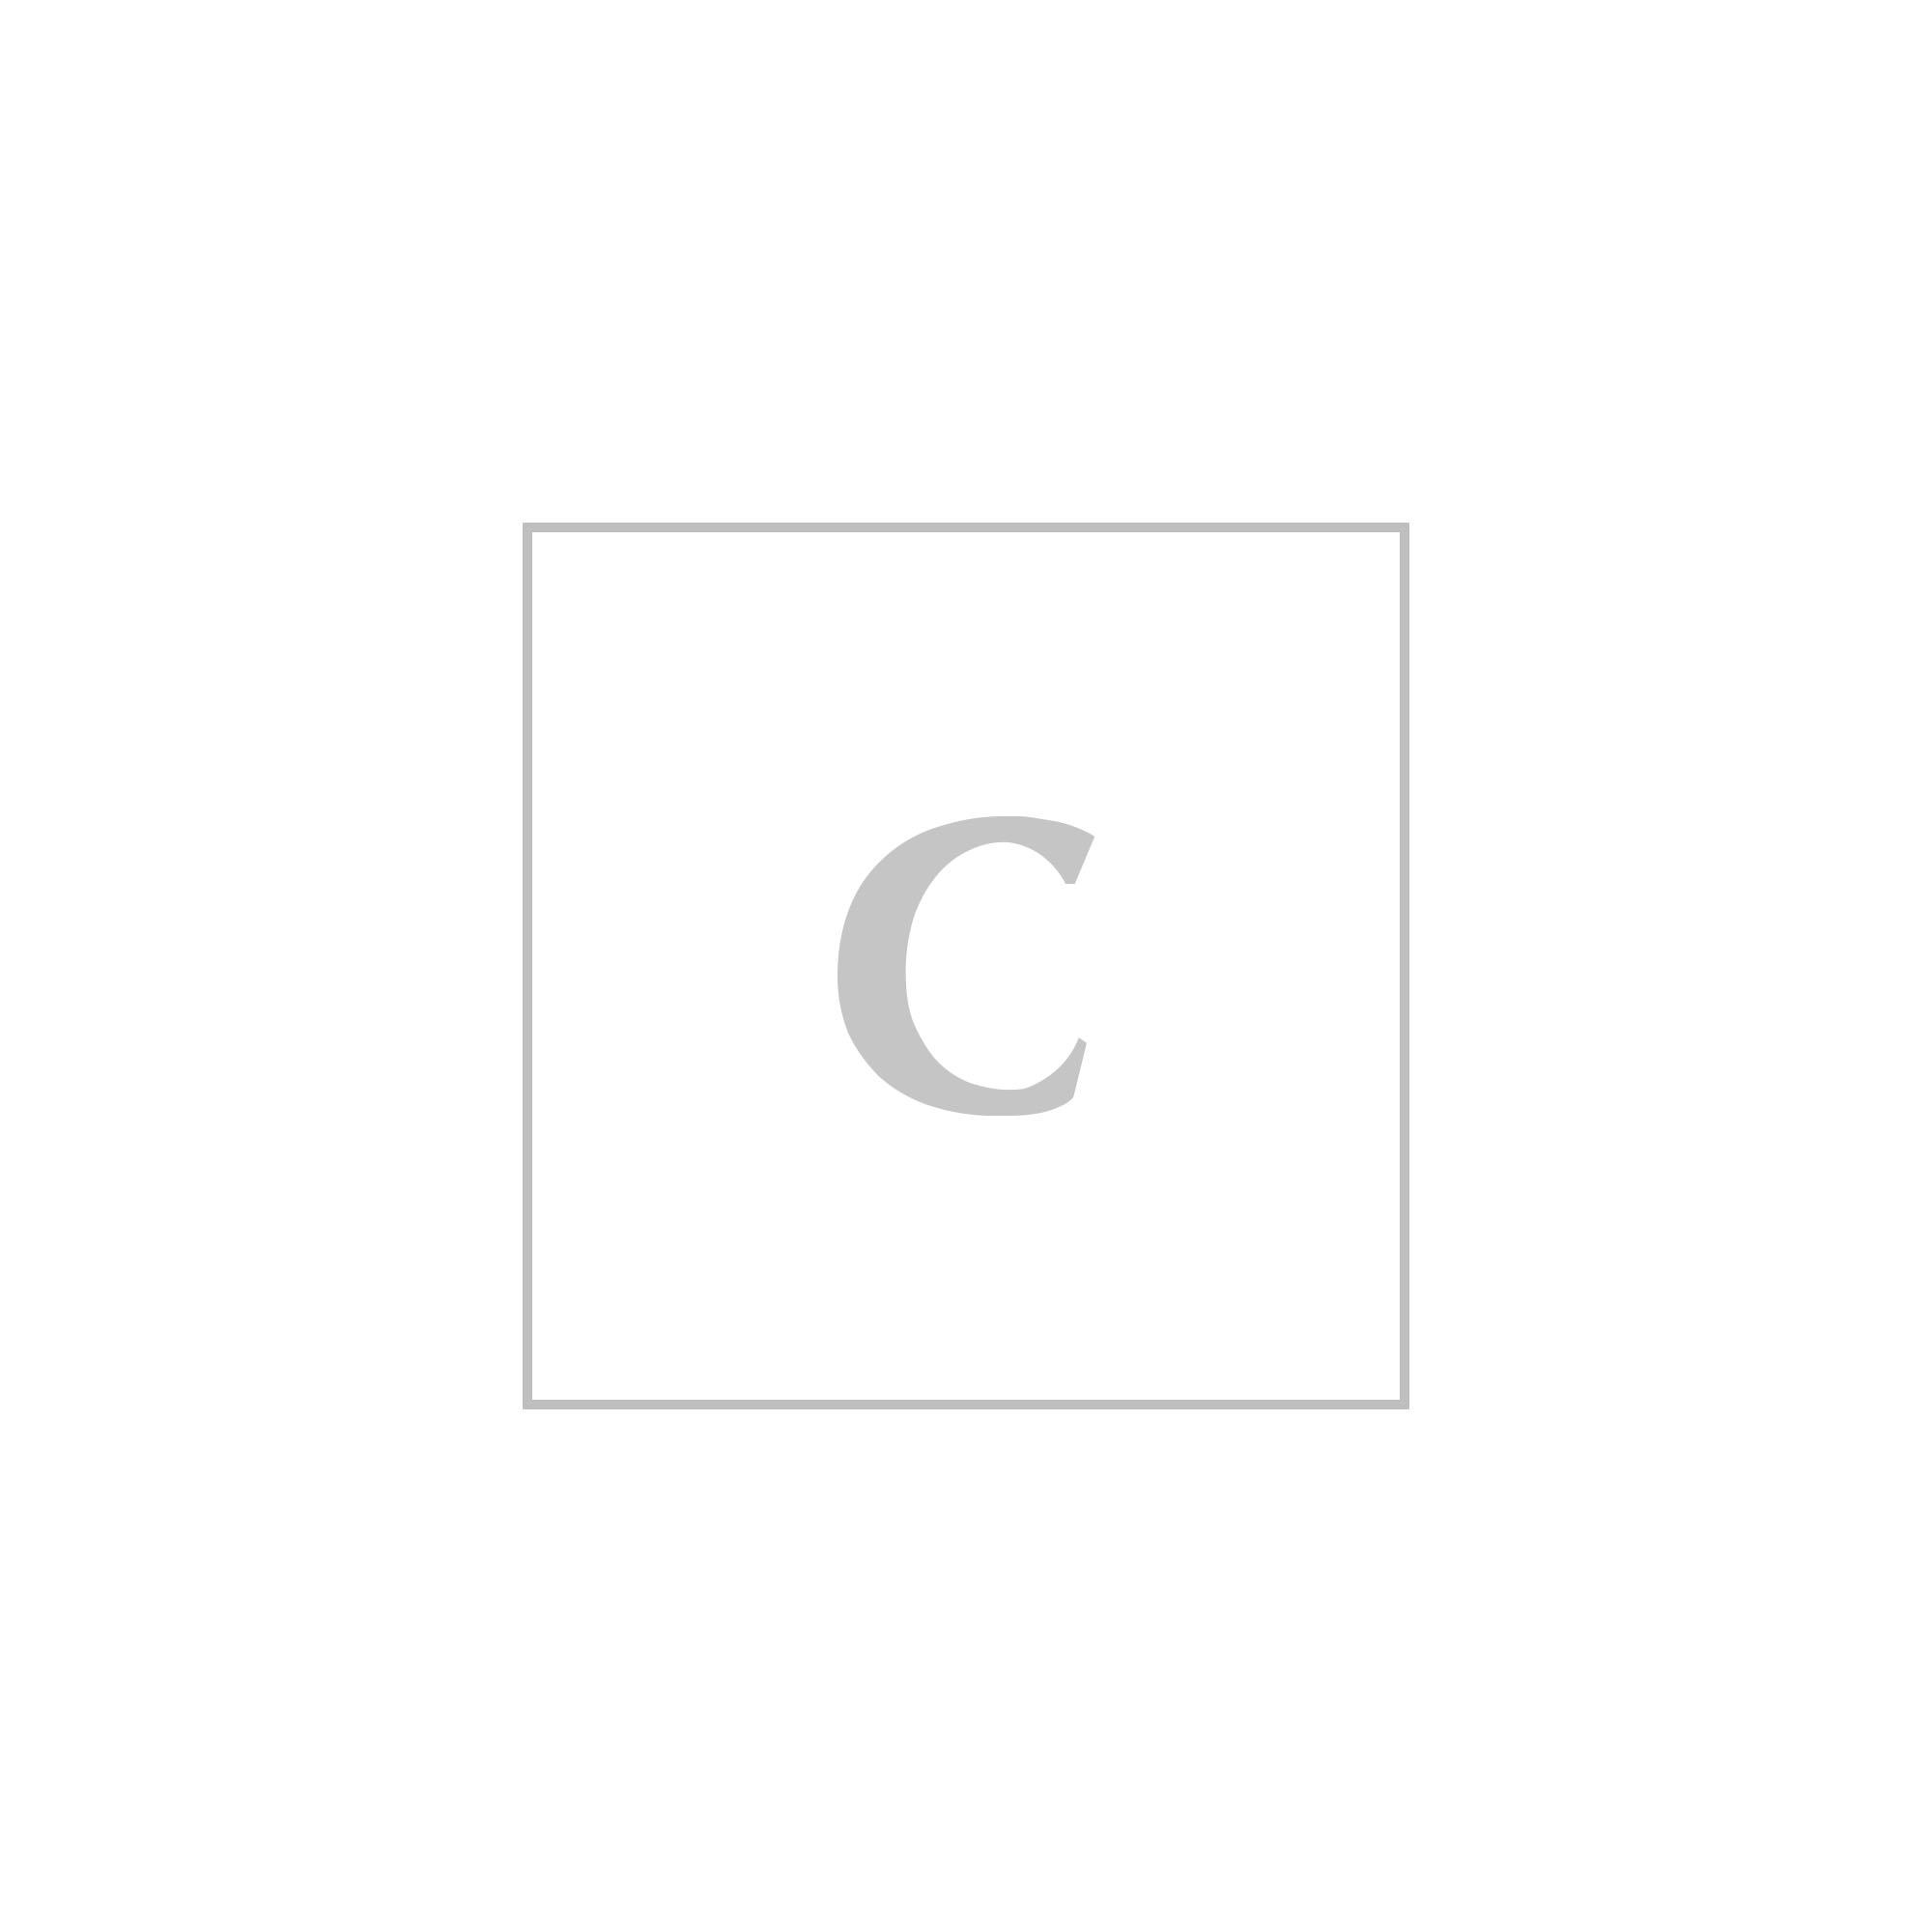 ceff9579bb61 Coltorti Boutique